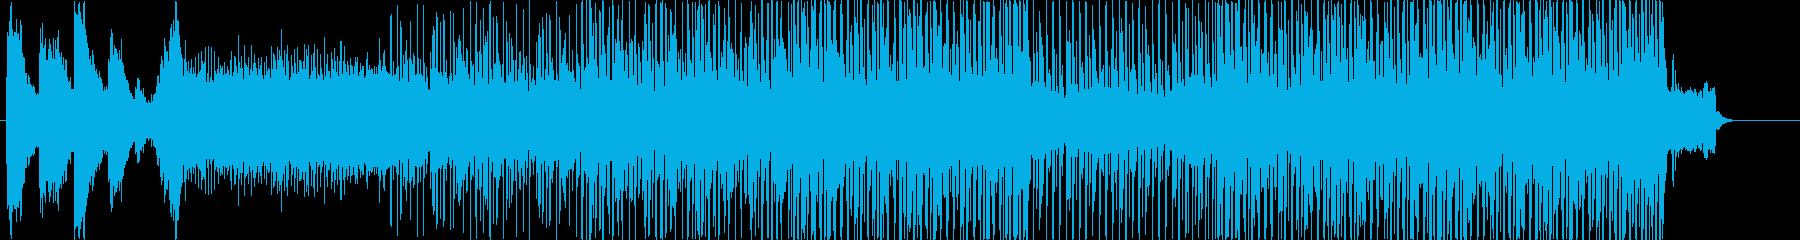 ピアノで始まるムーディーなハウス風BGMの再生済みの波形